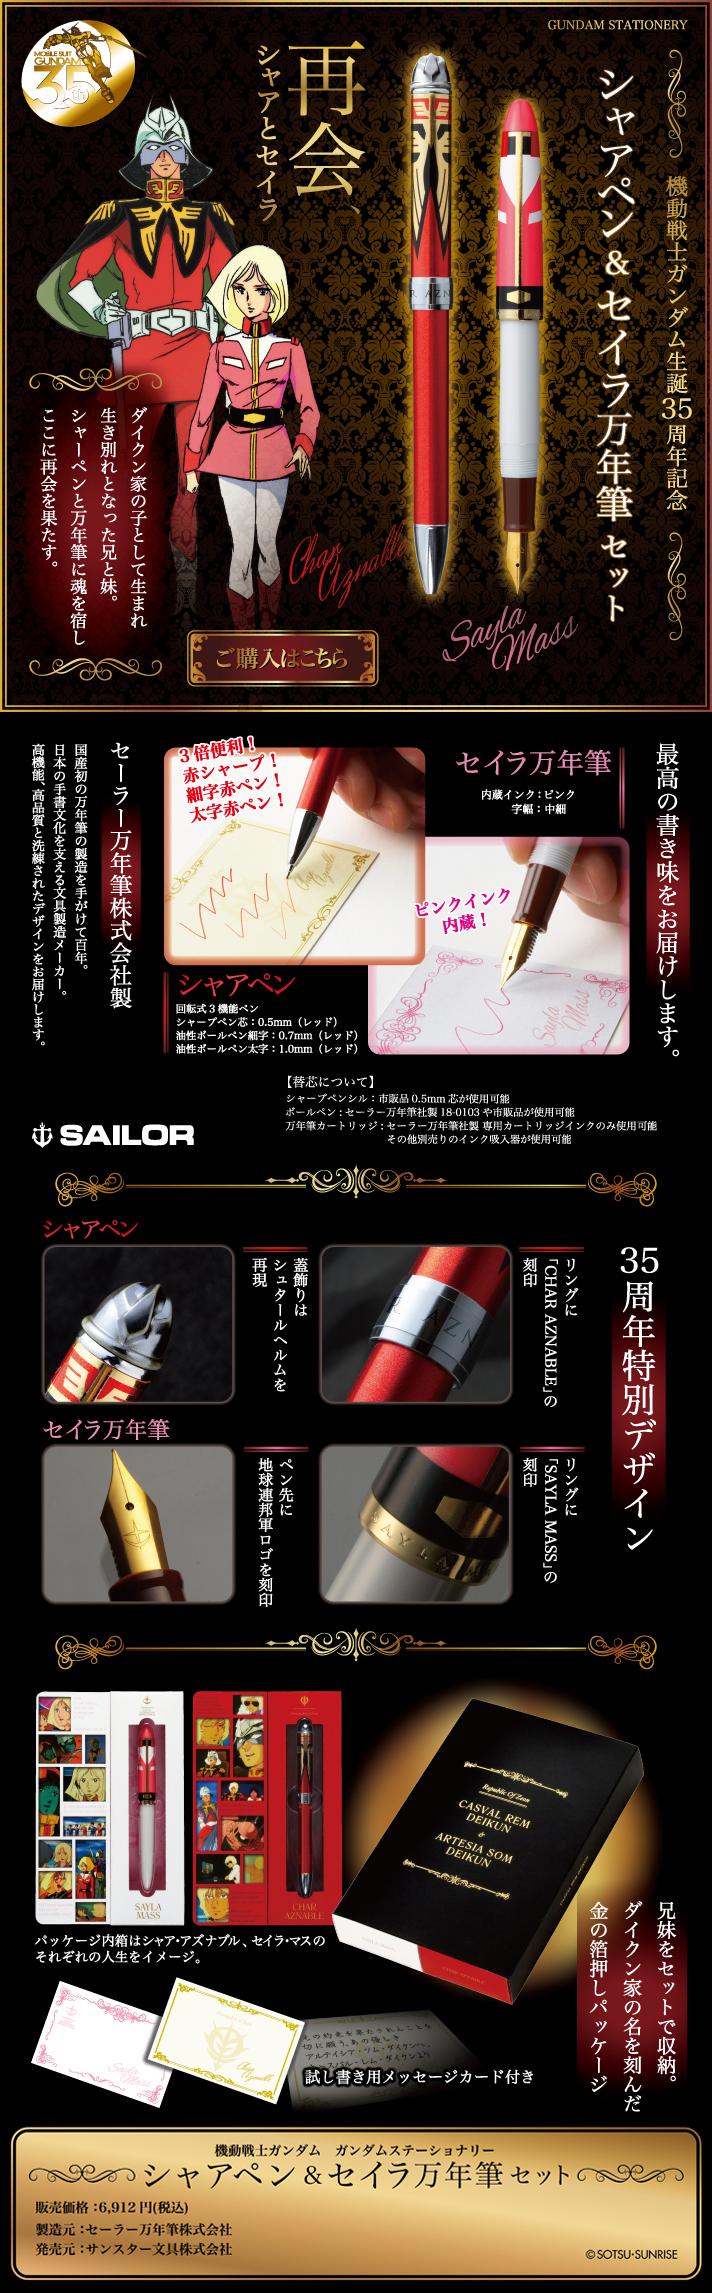 機動戦士ガンダム生誕35周年記念 シャアペン&セイラ万年筆セット